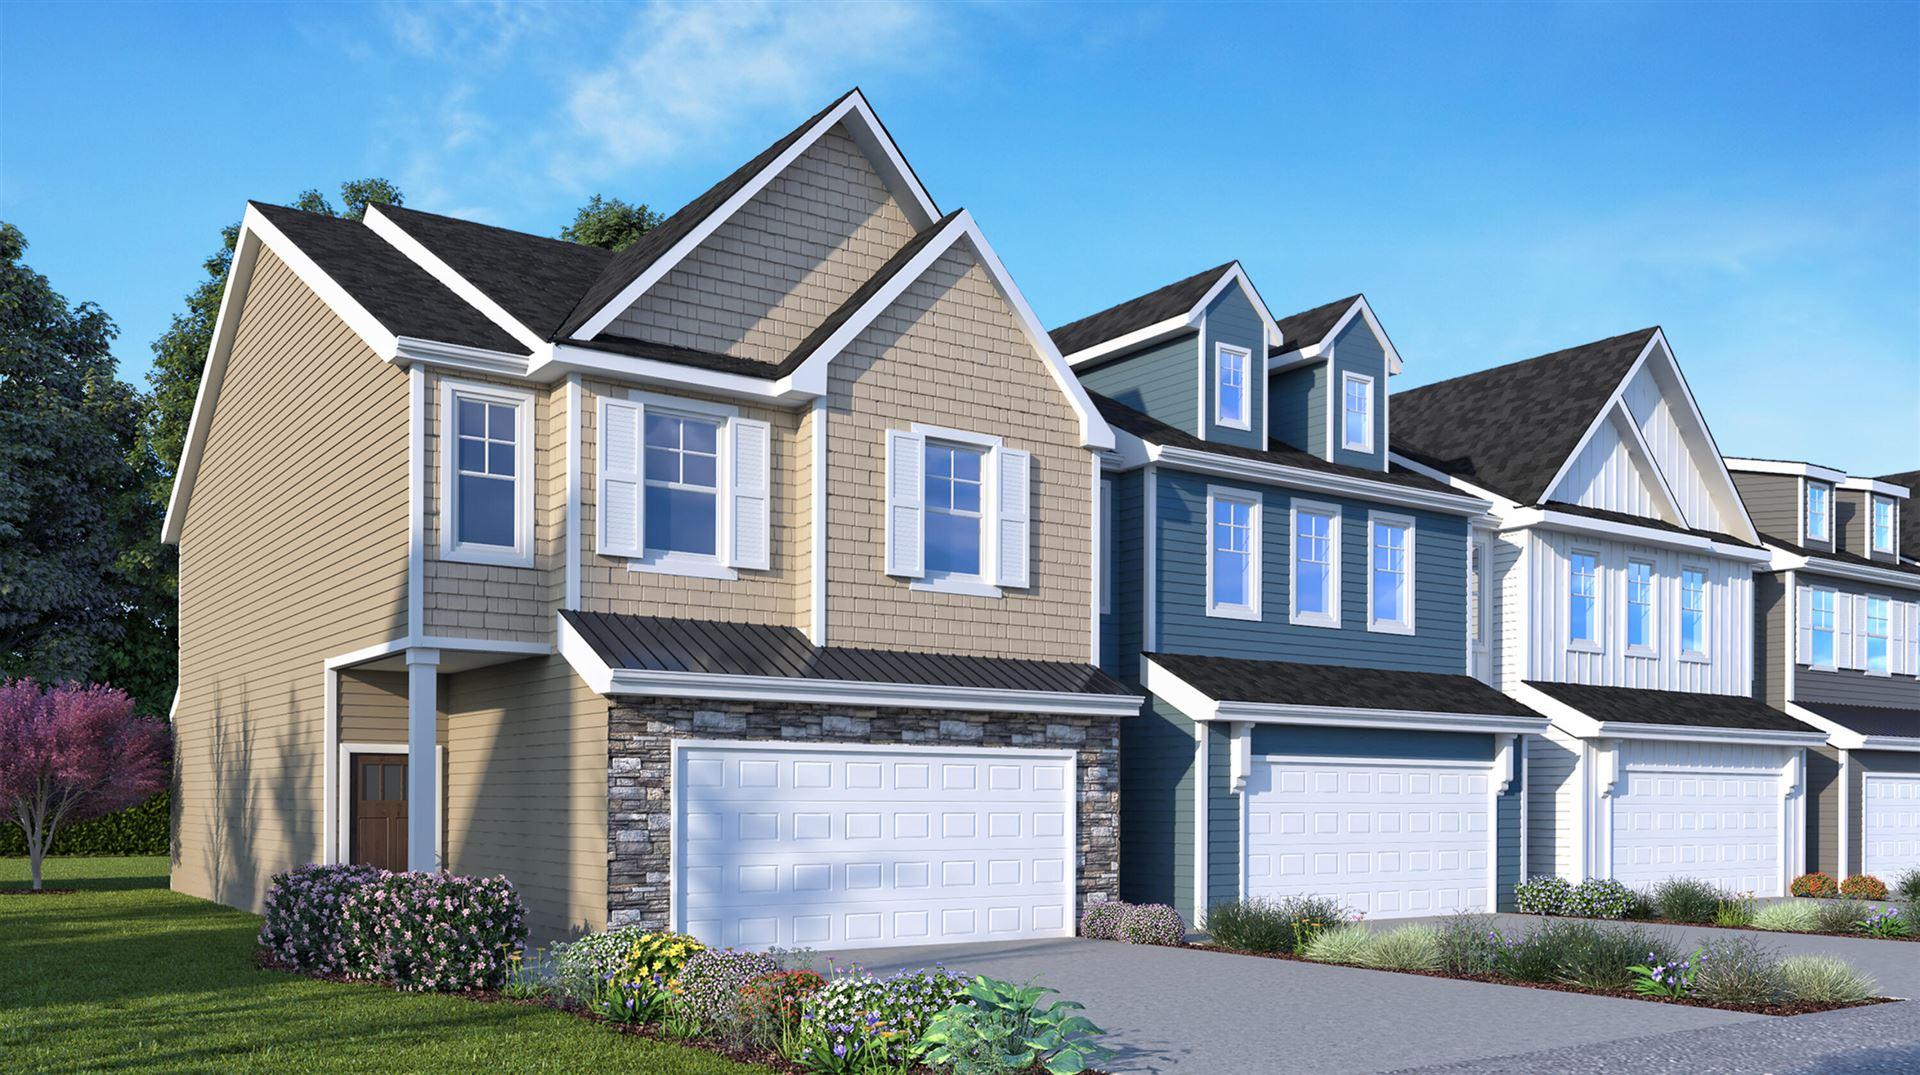 3158 Turret Drive SE #25, Kentwood, MI 49512 - MLS#: 21108122